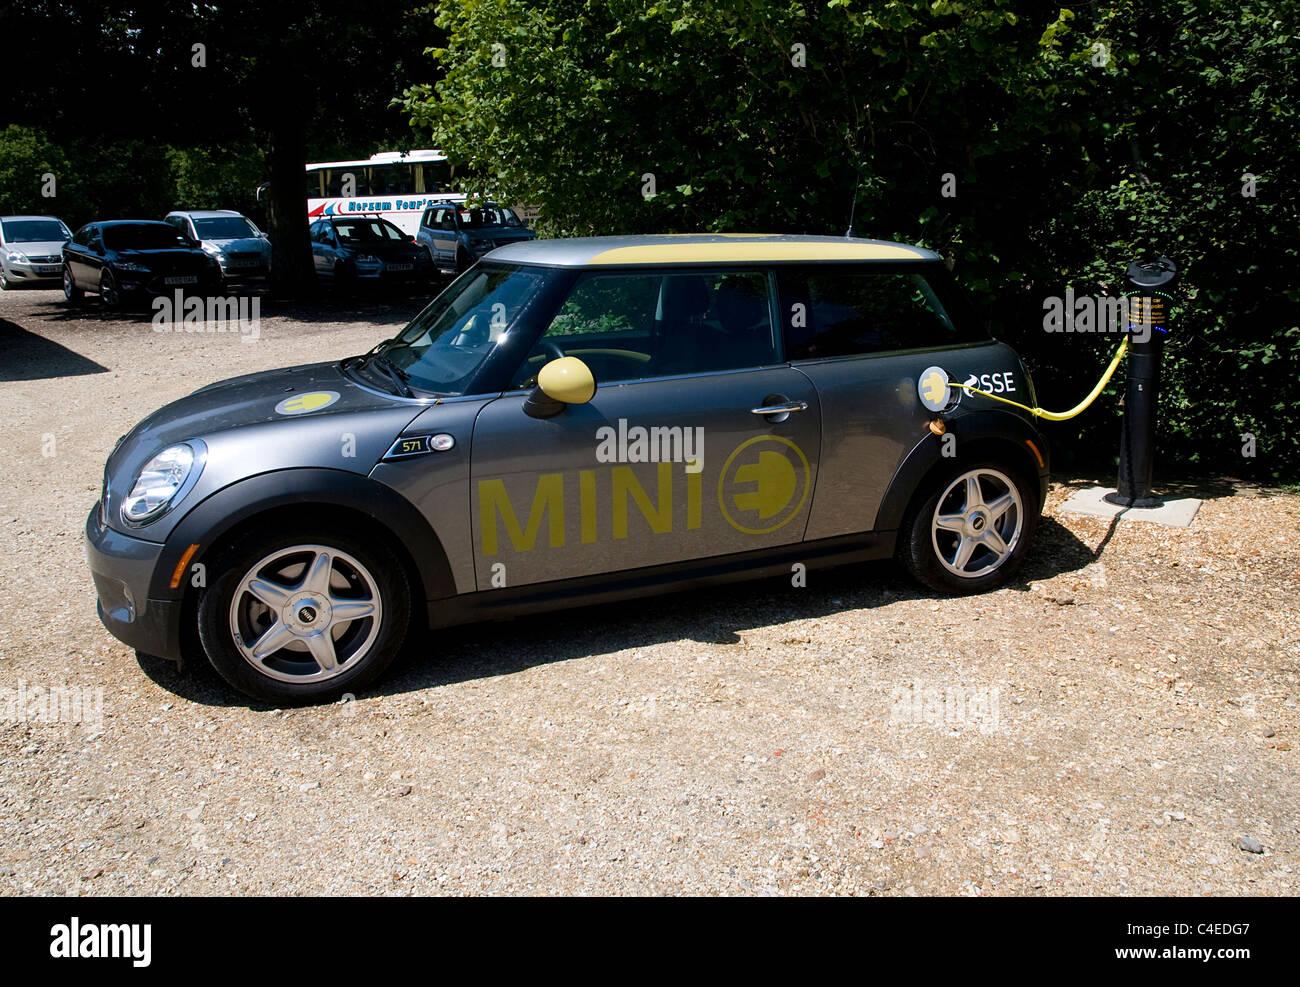 2011 Mini E voiture électrique point de recharge de la batterie Photo Stock